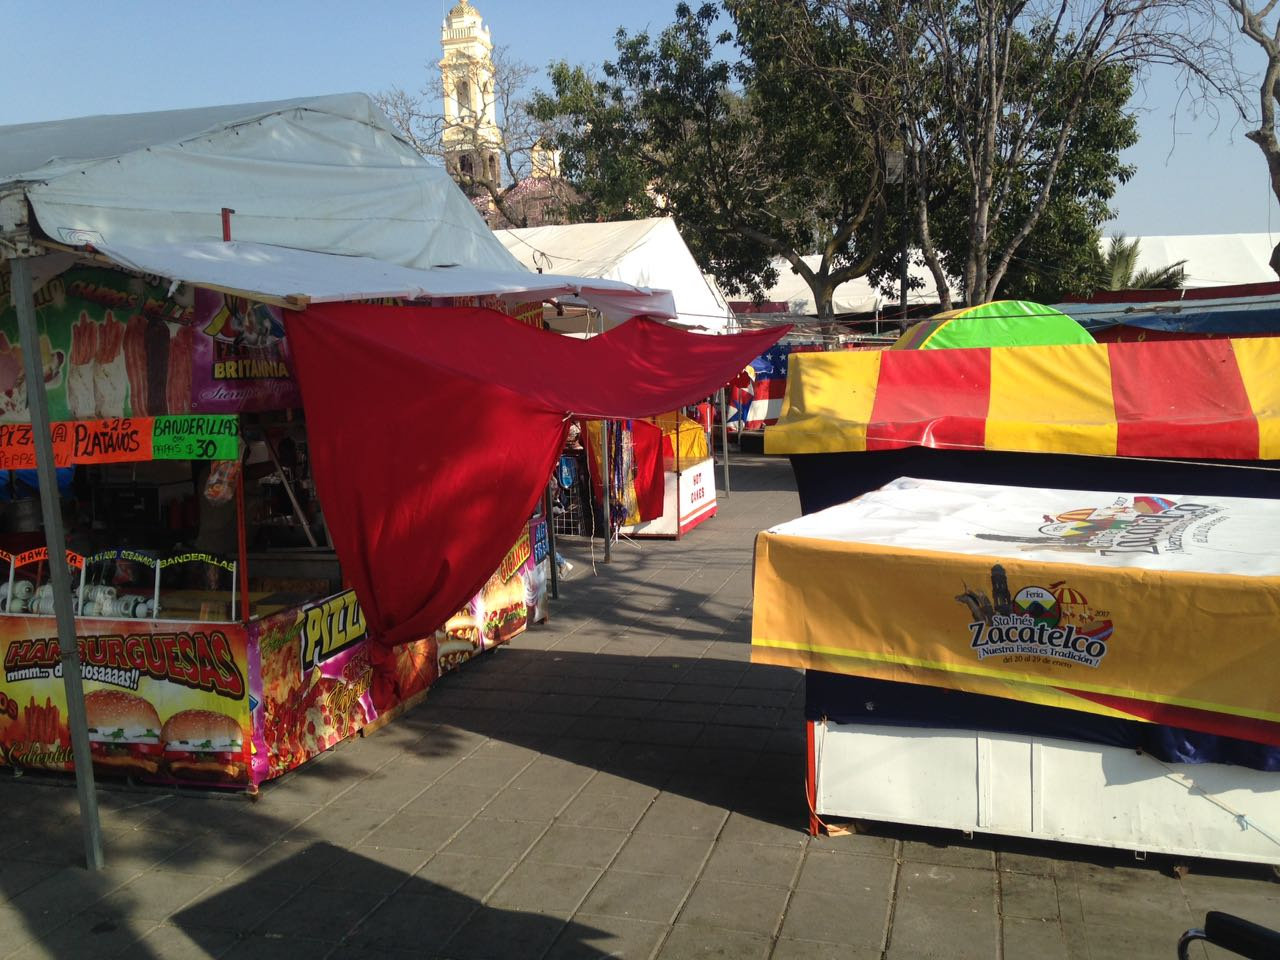 Comerciantes reportan bajas ventas en feria de Zacatelco